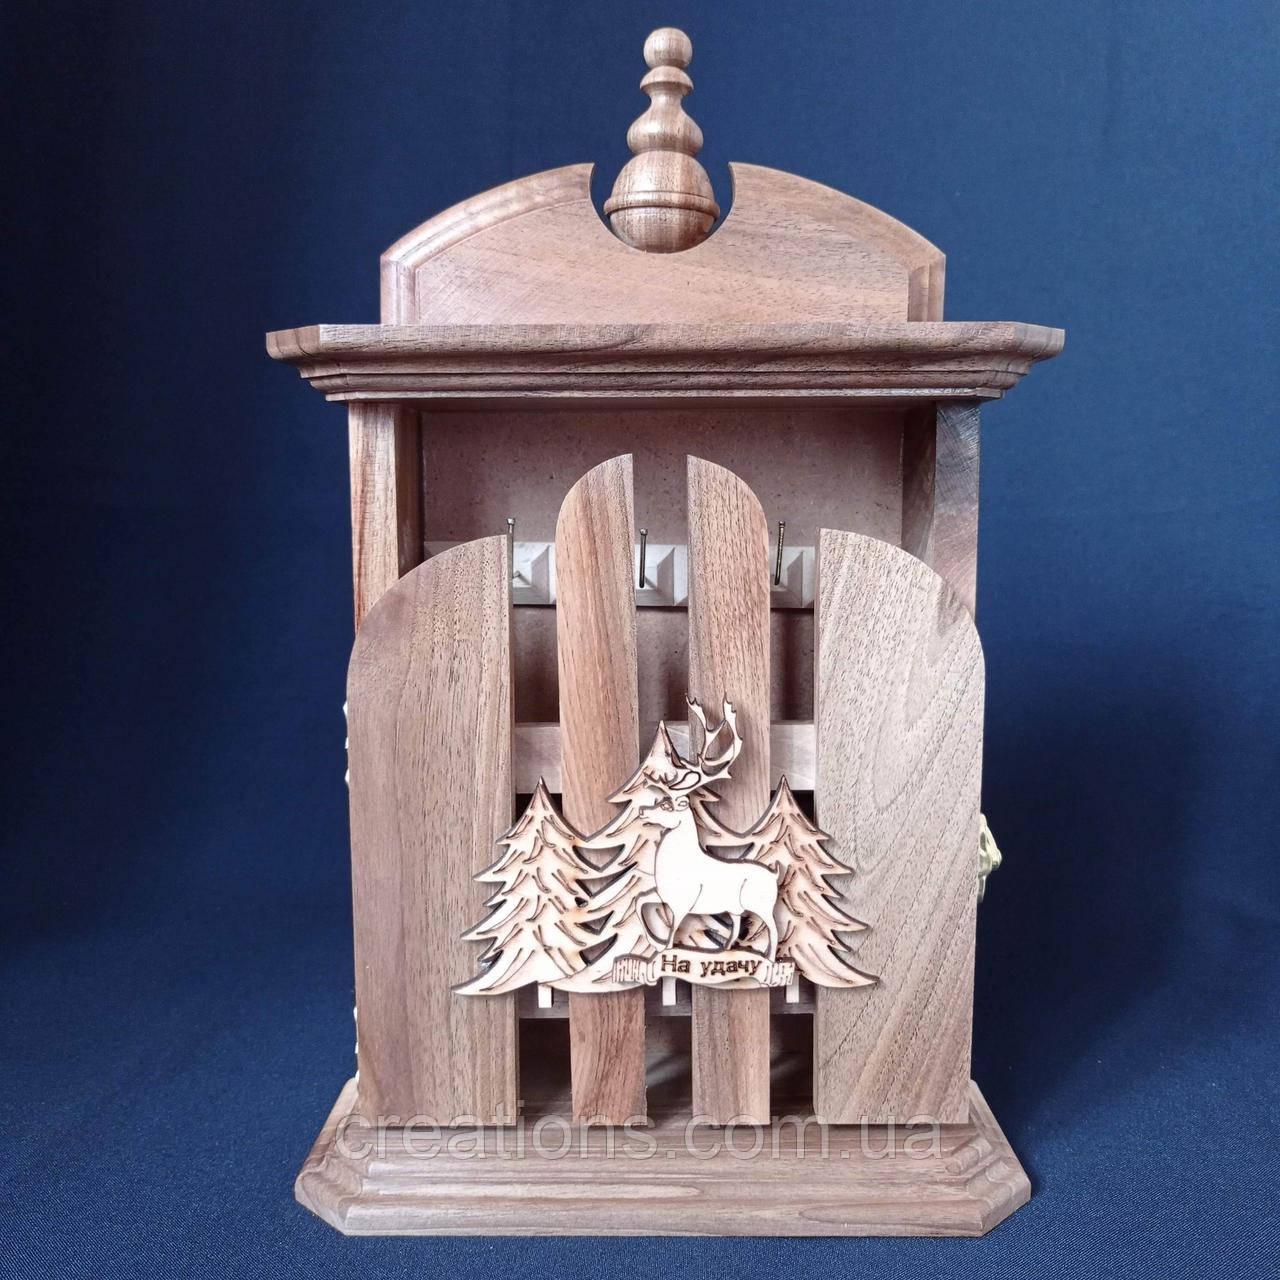 Ключница из дерева ручной работы на 6 ключей, настенная, настольная с настенным крепежем